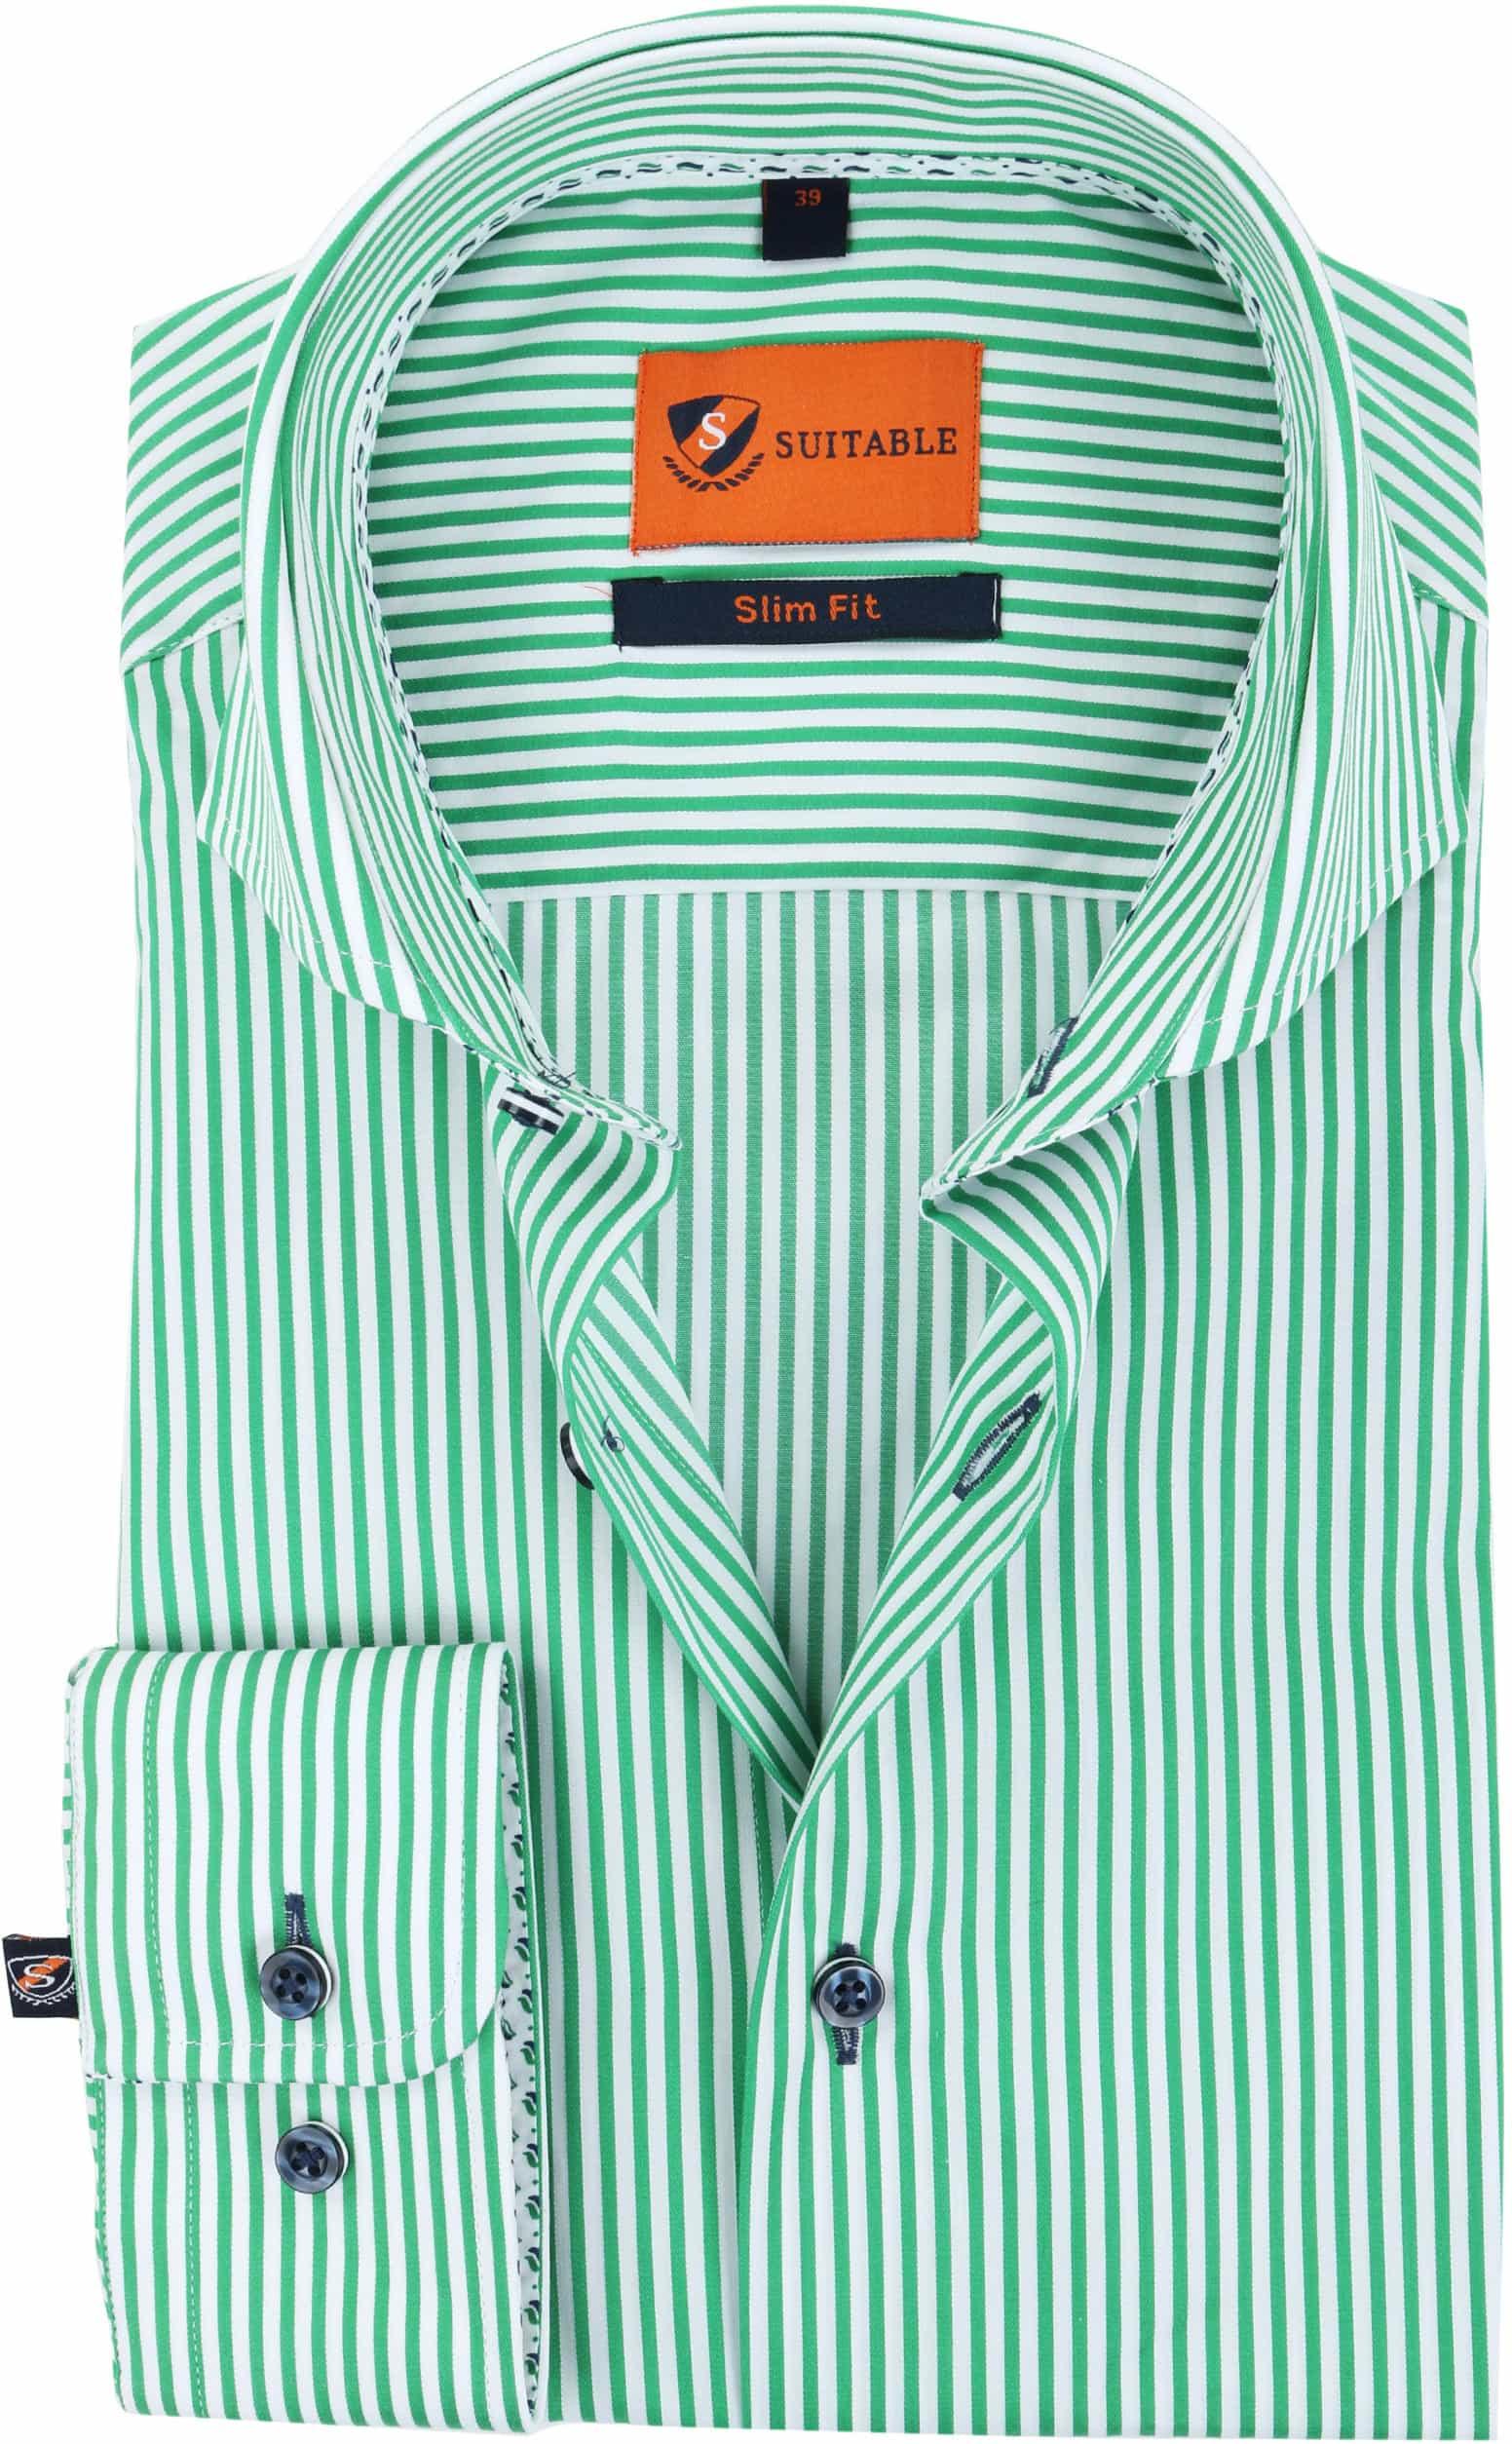 Suitable Overhemd Strepen Groen 174-6 foto 0